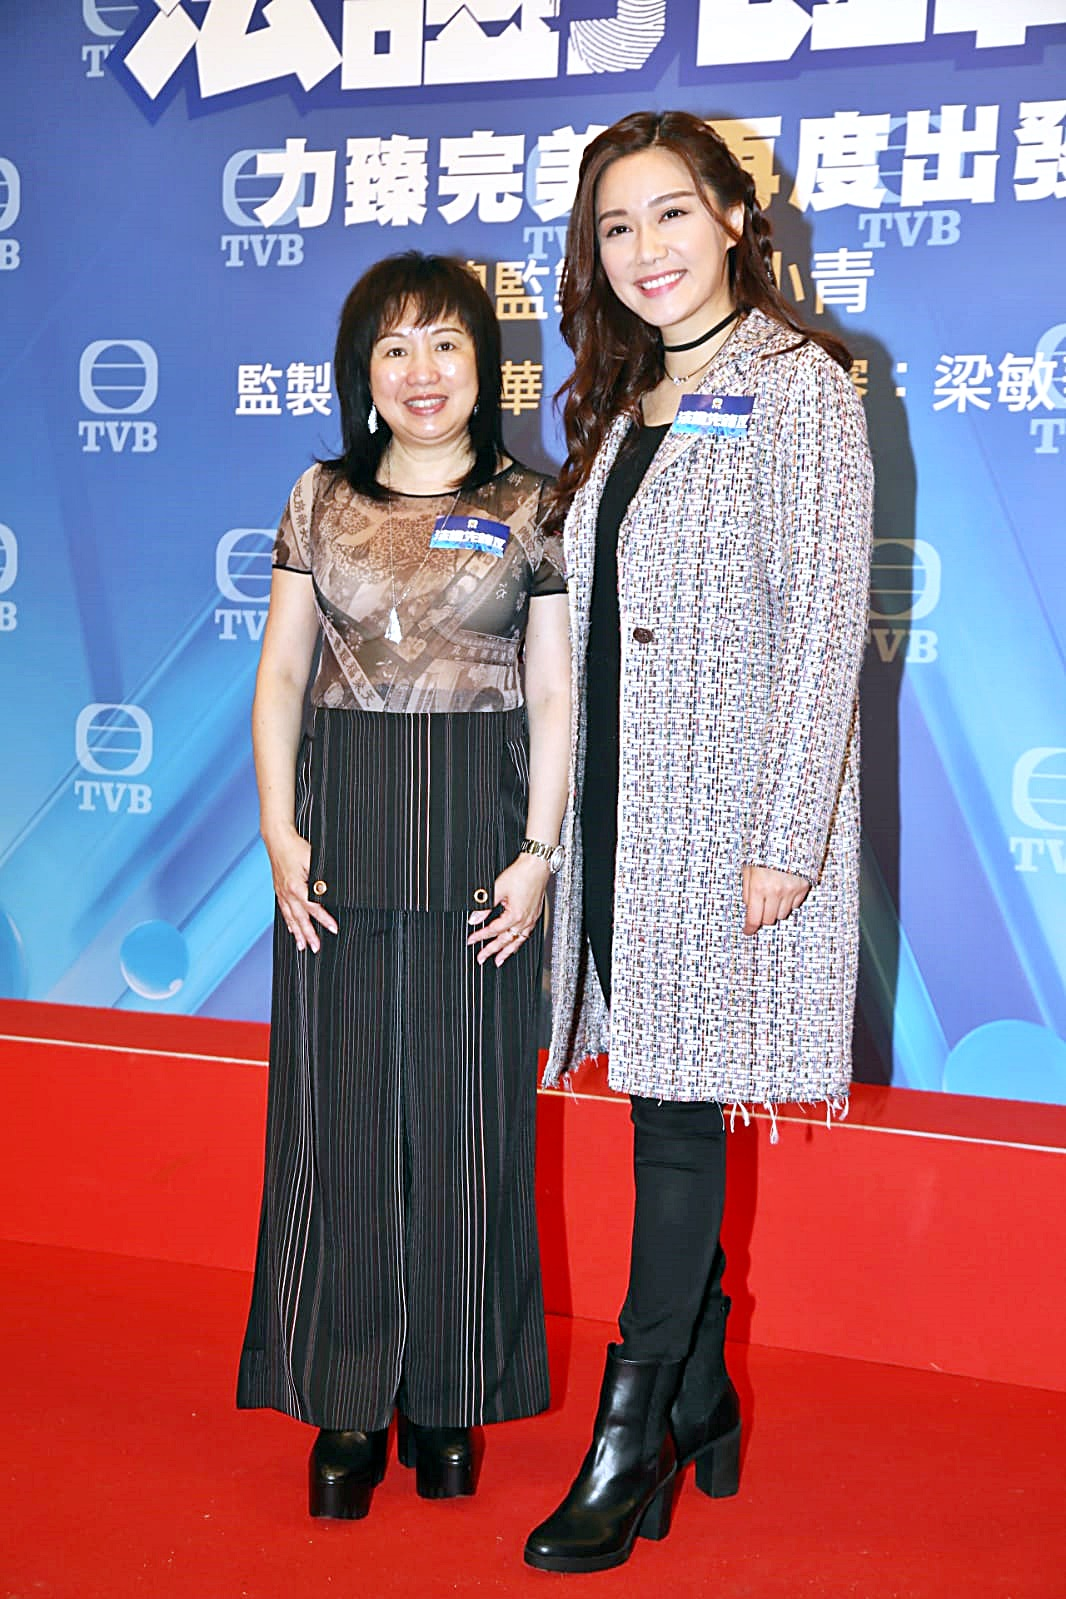 監製梅小青指公司花千萬重拍這部劇,贏得良心電視台美譽。